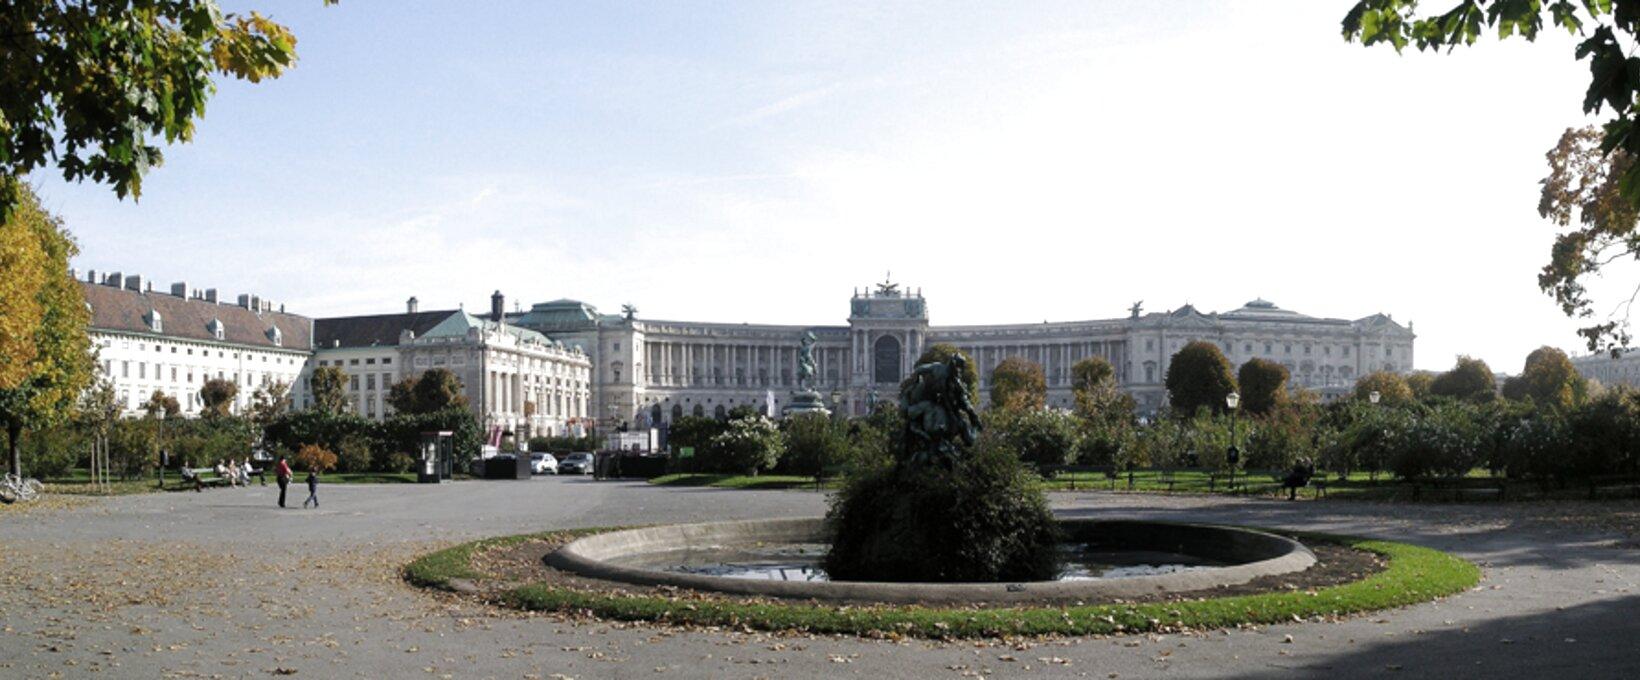 Zoo Und Parks In Wien Austria Trend Hotels